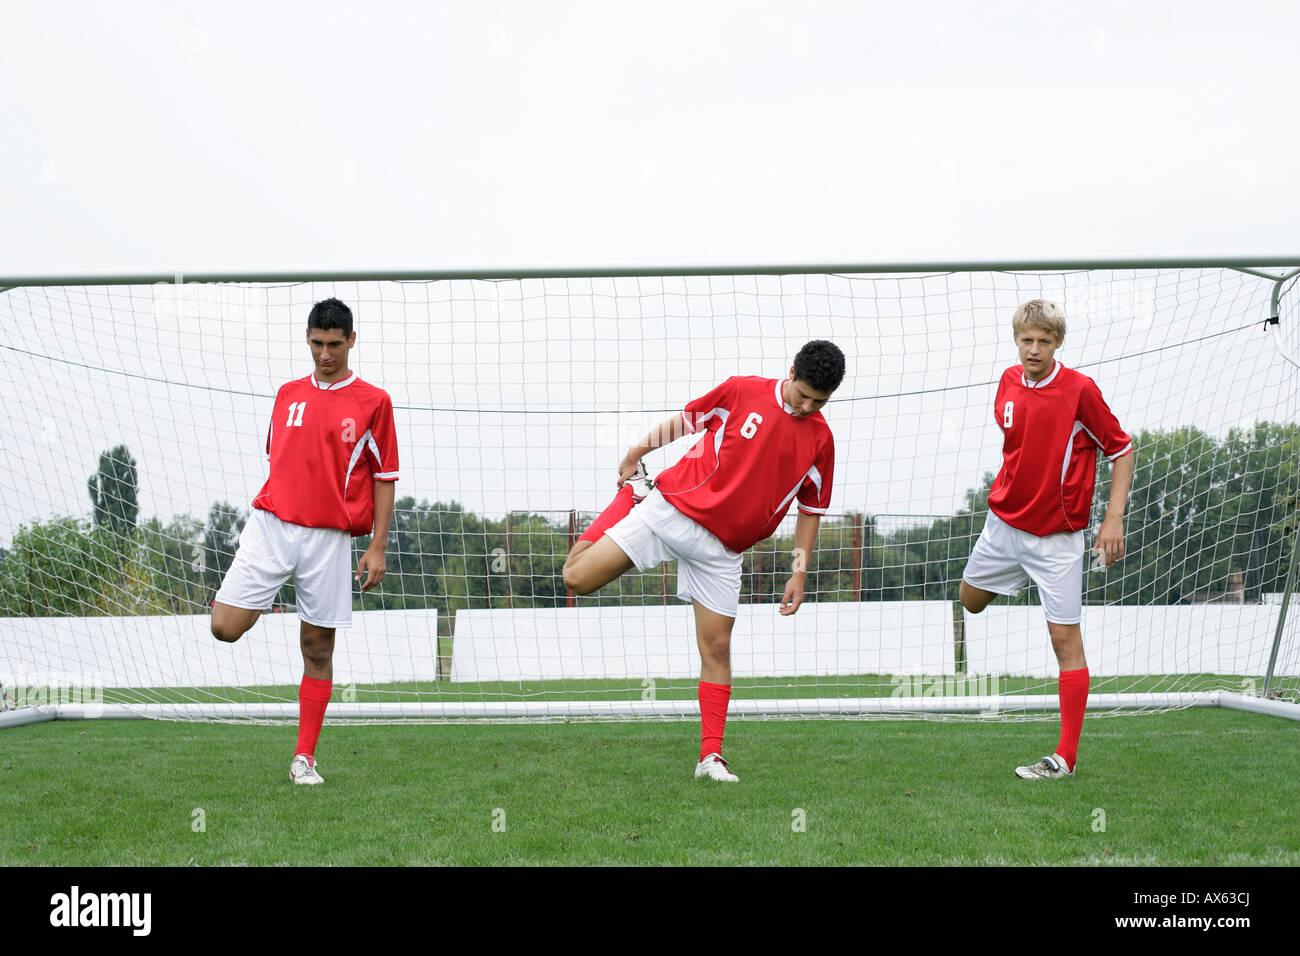 Groß Fußball Farbseite Galerie - Malvorlagen Von Tieren - ngadi.info